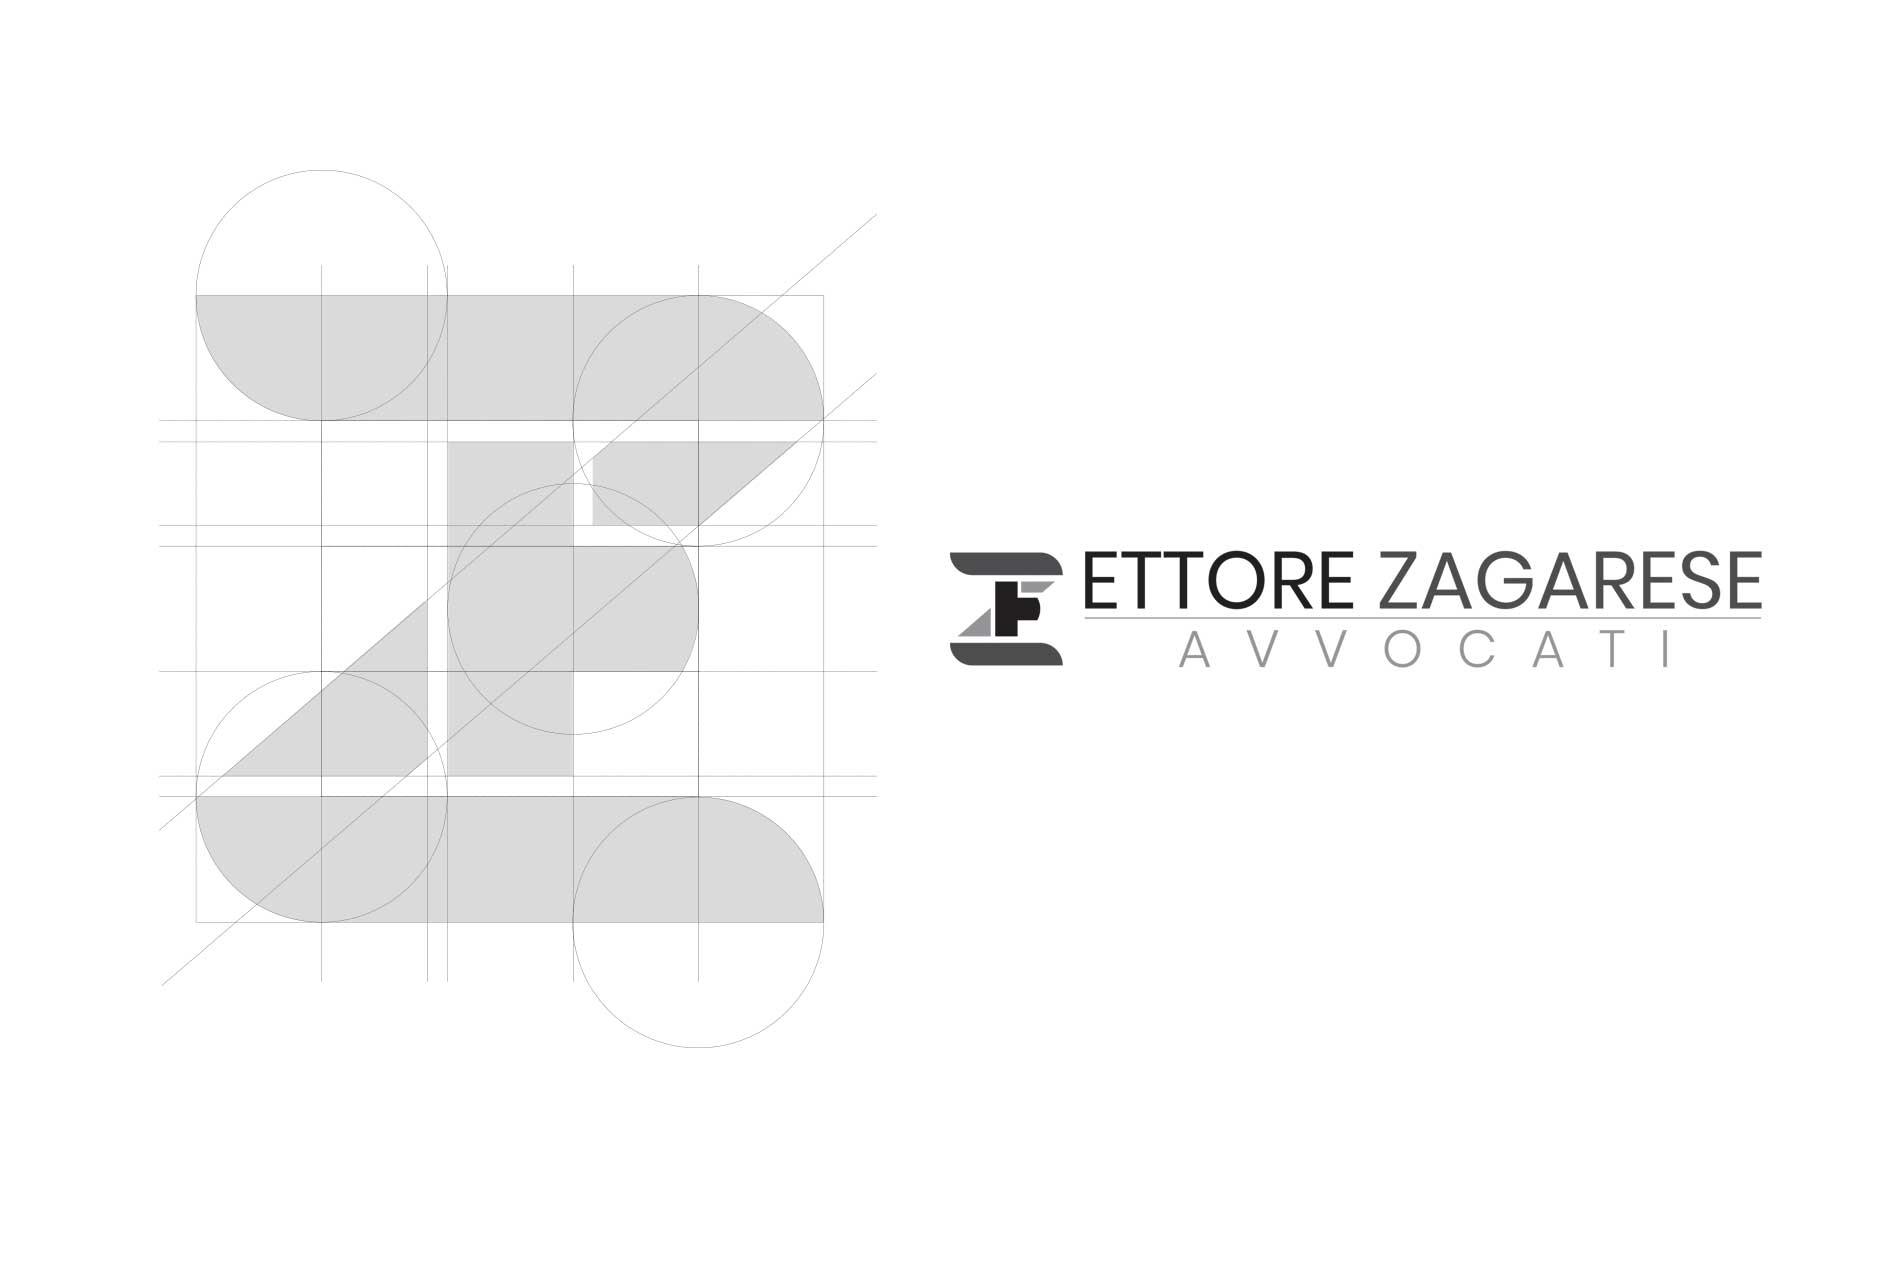 Costruzione del logo per lo Studio Legale Ettore Zagarese